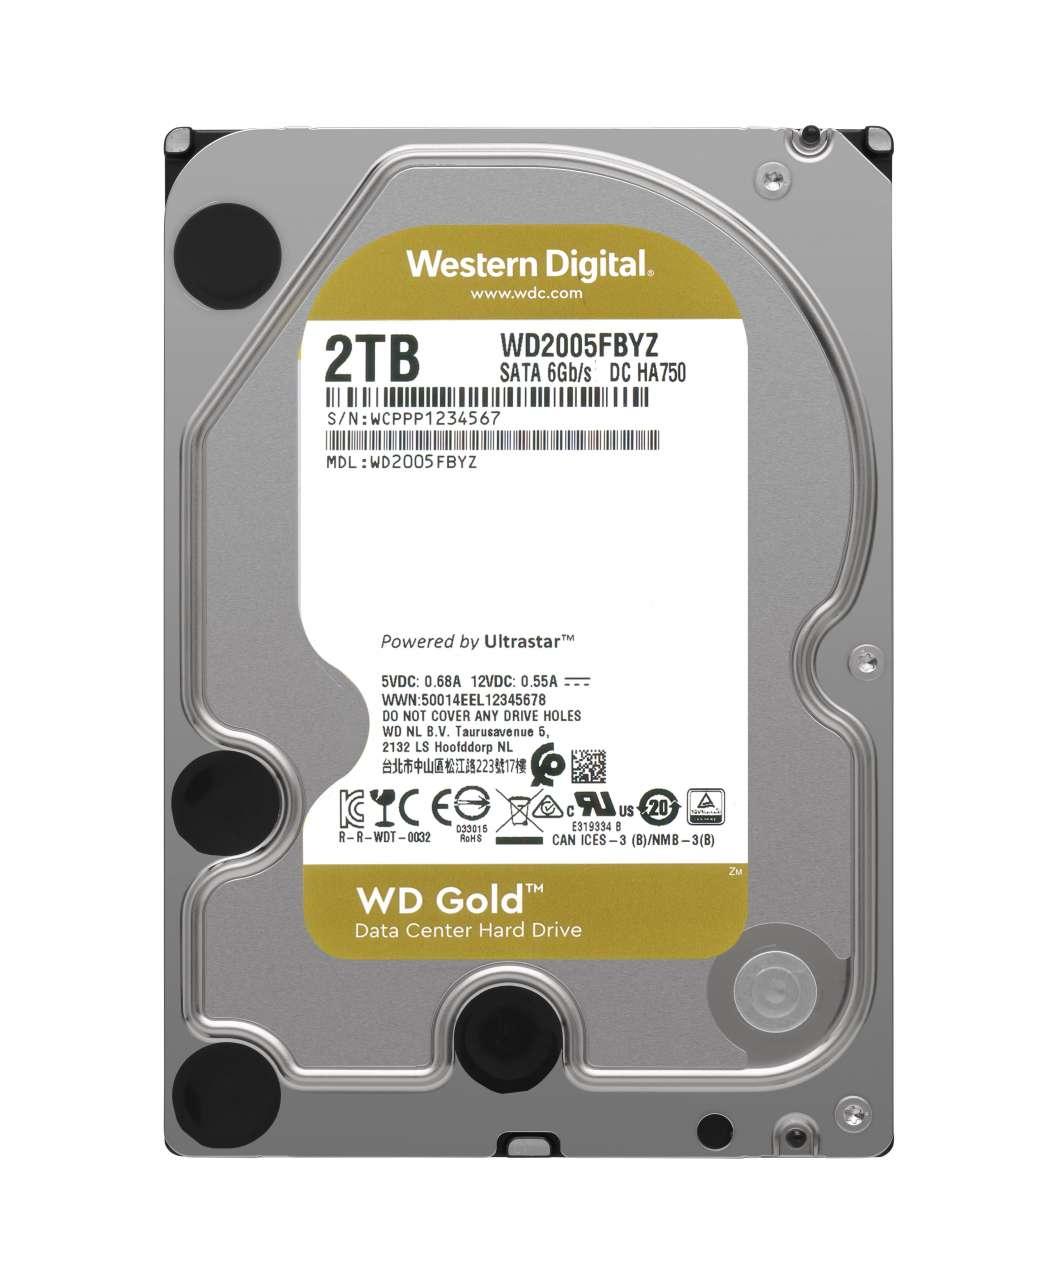 HDD WD Gold WD2005FBYZ 2TB/600/72 Sata III 128MB (D)